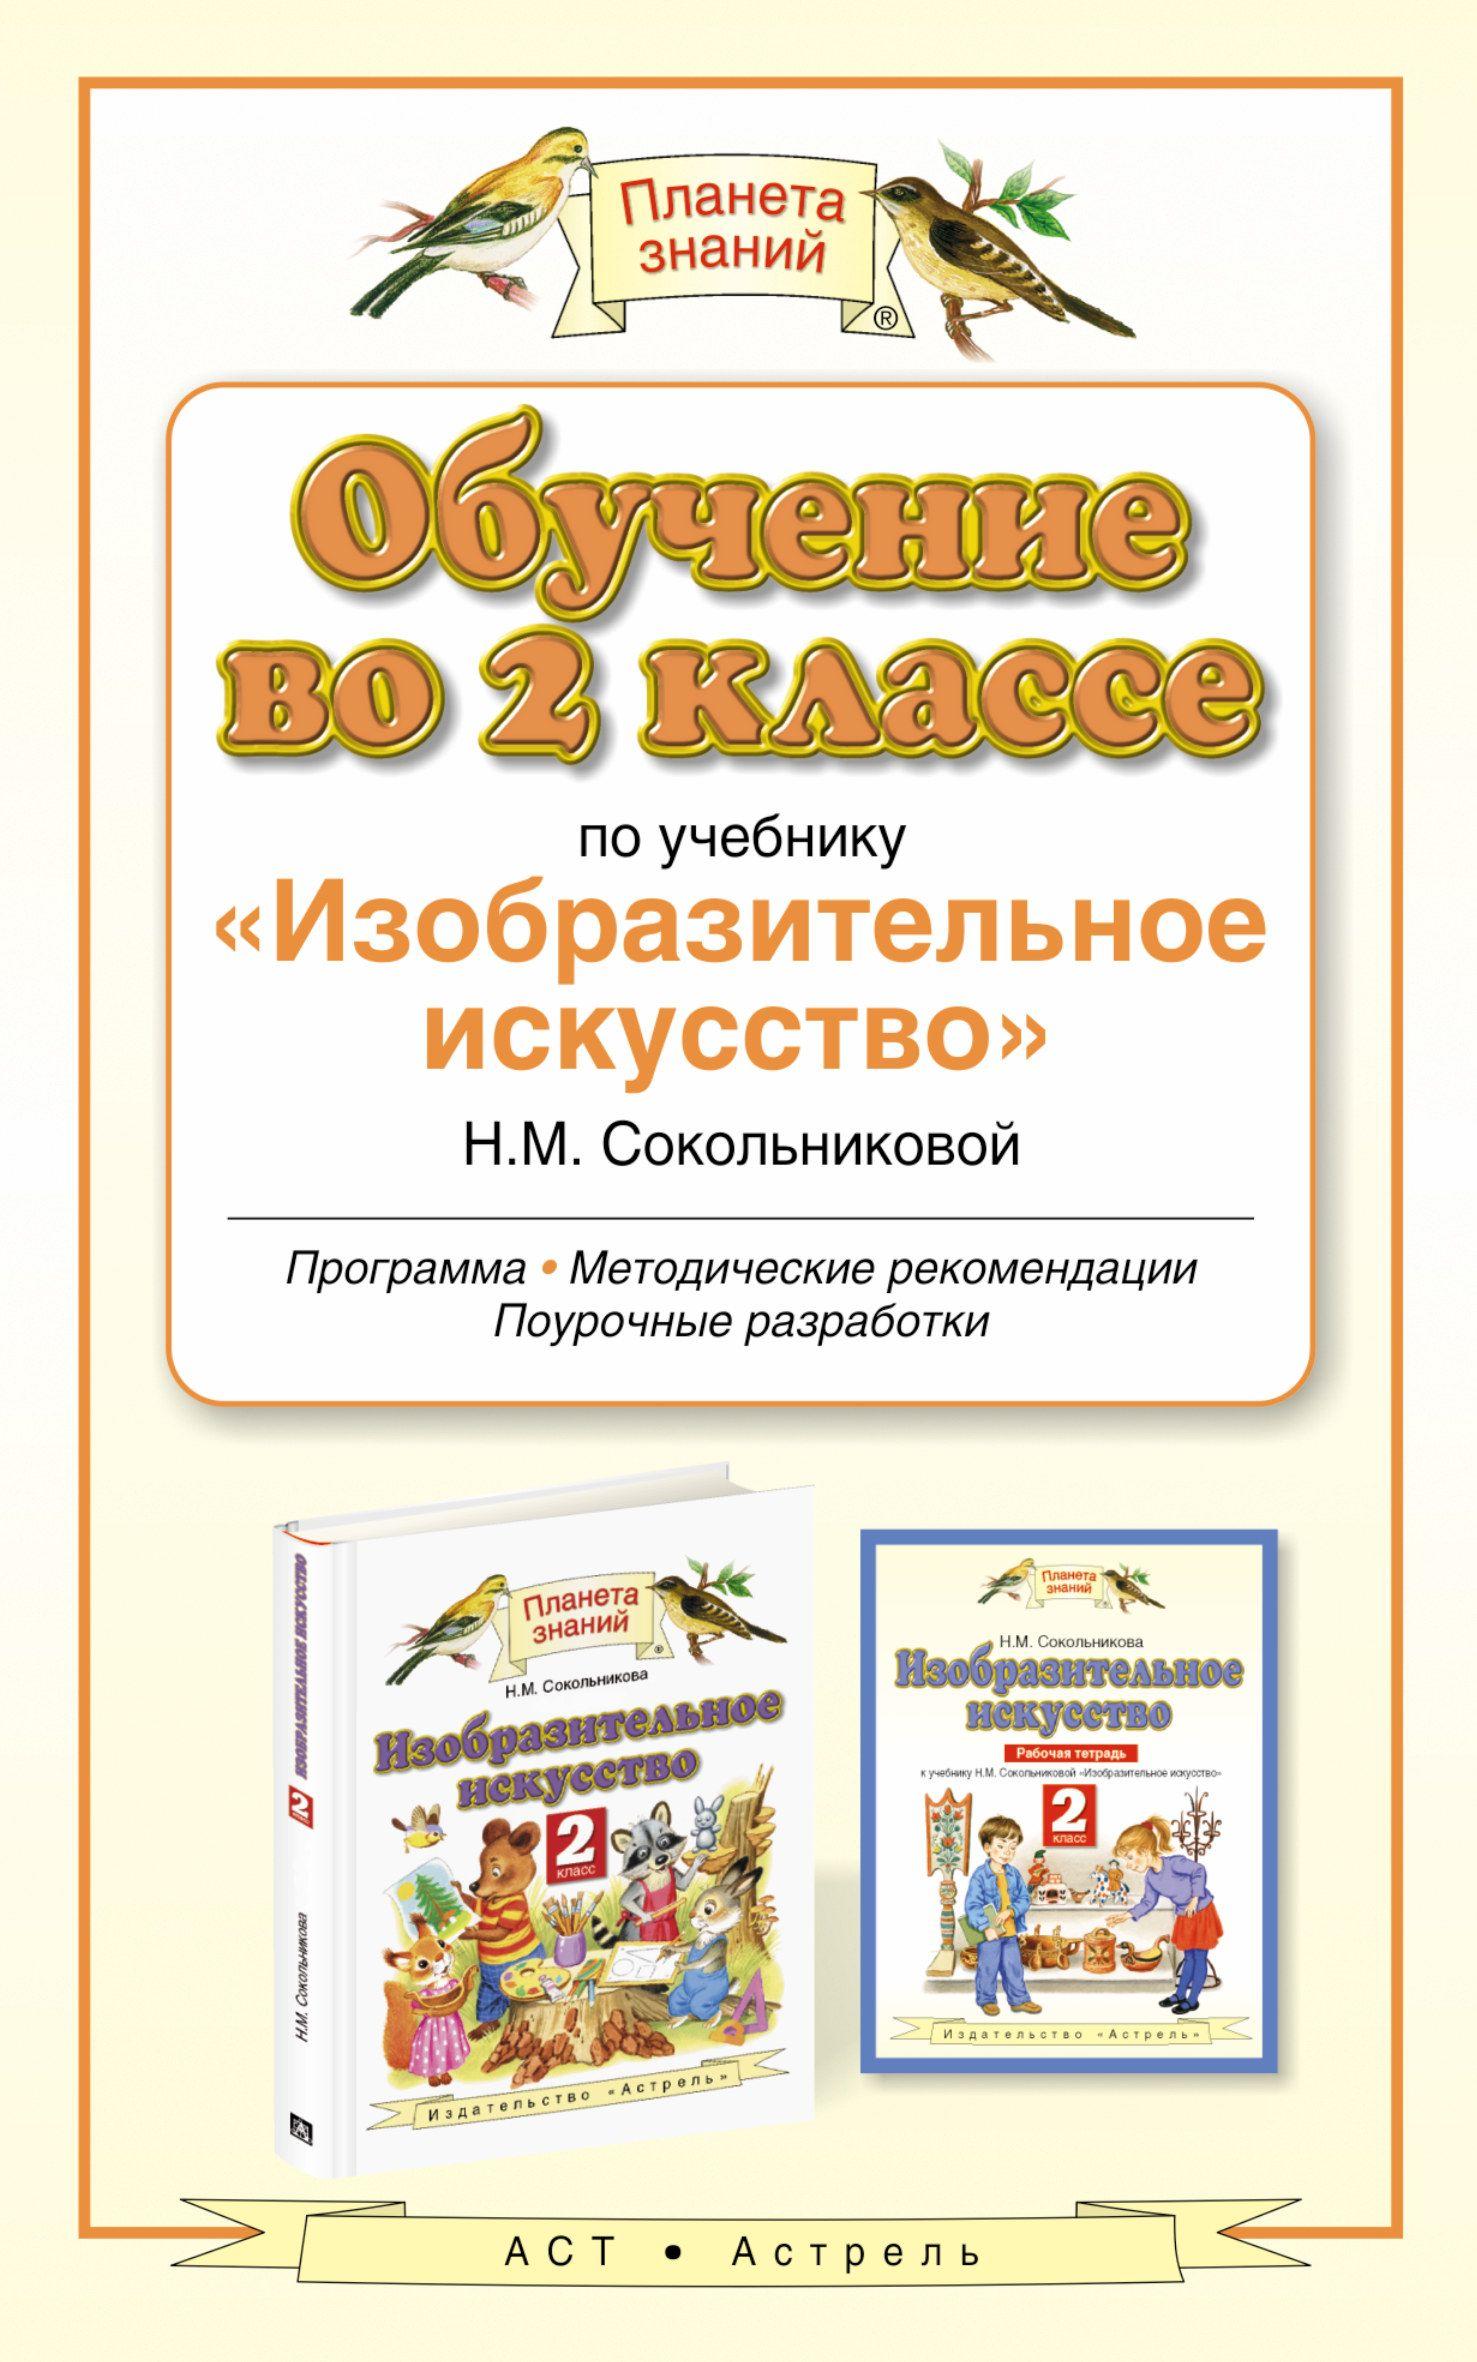 Учебник обществознания 7 класс гипермаркет знаний